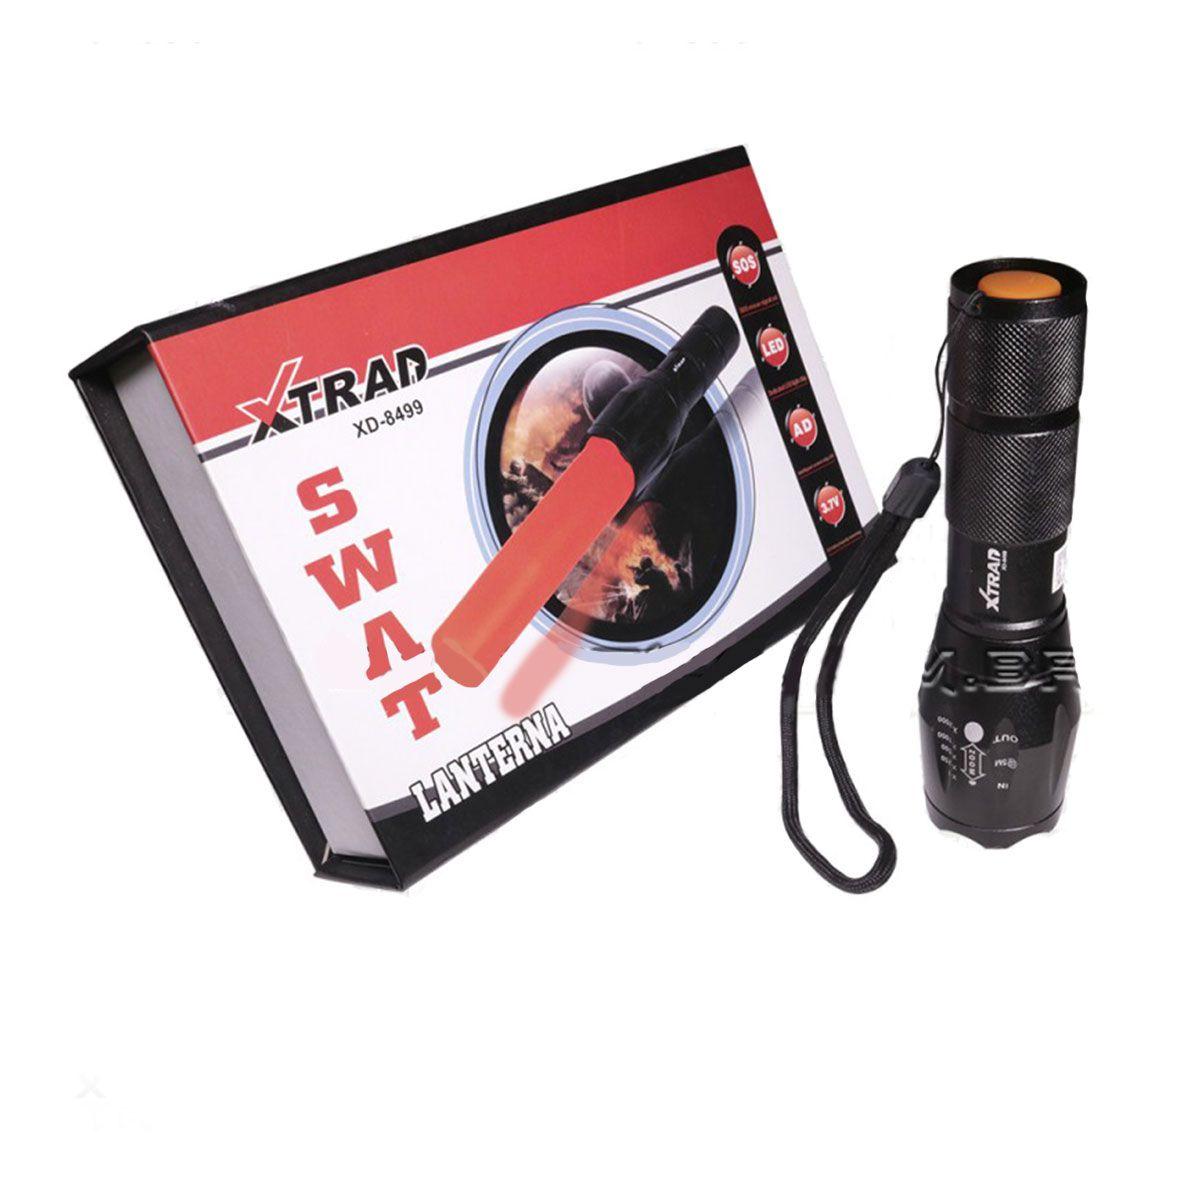 Lanterna Tatica Manual Swat Xtrad